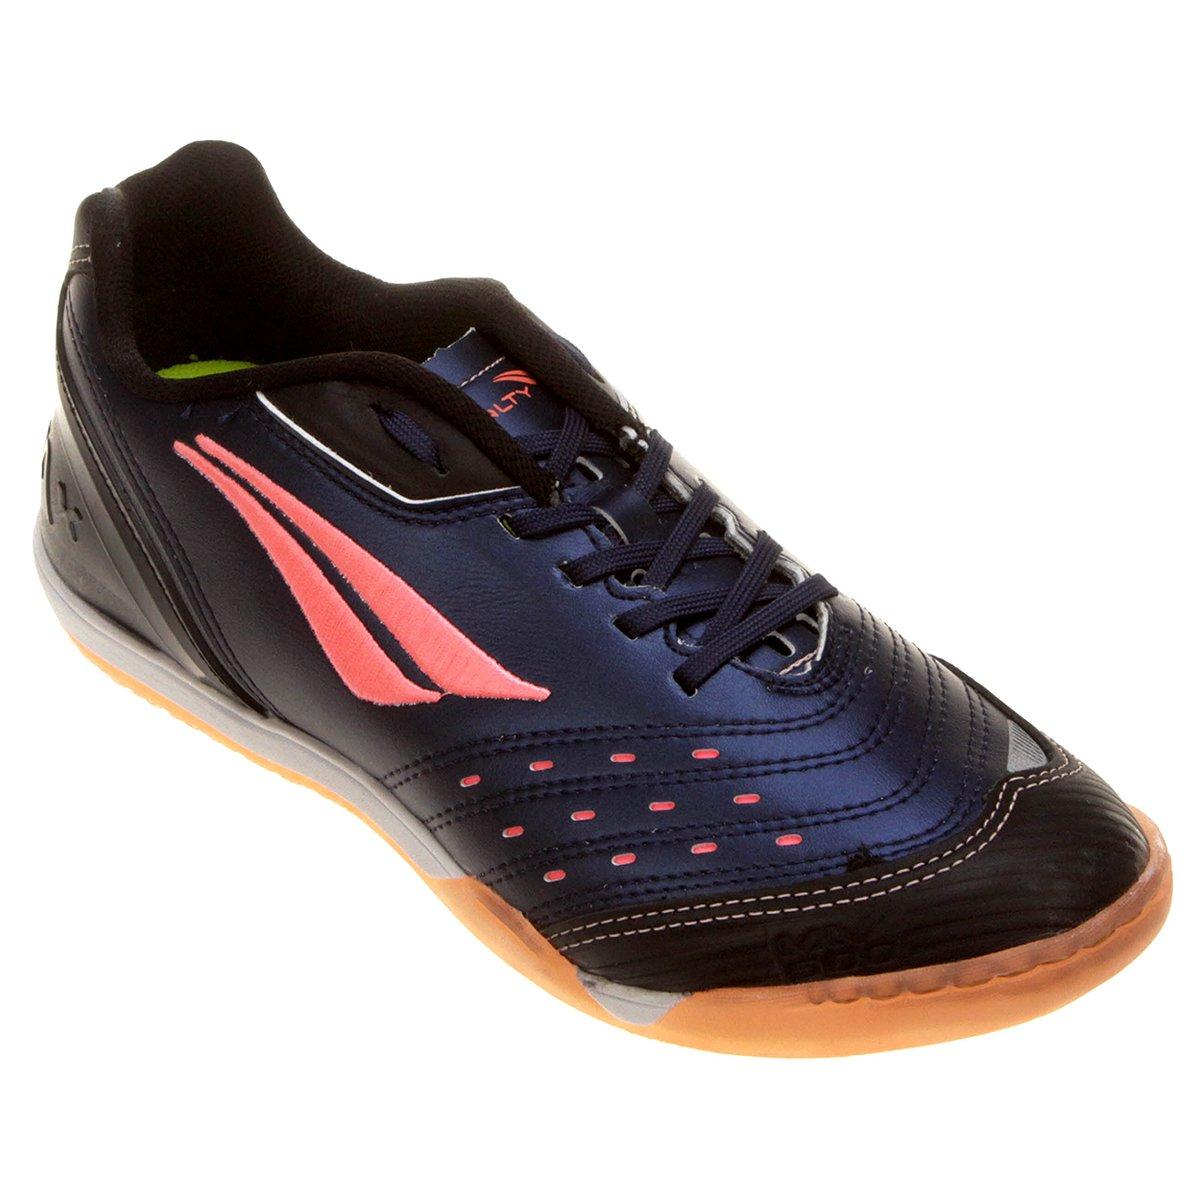 Chuteira Penalty Max 500 S Futsal - Compre Agora  c3e0a3cd646ea